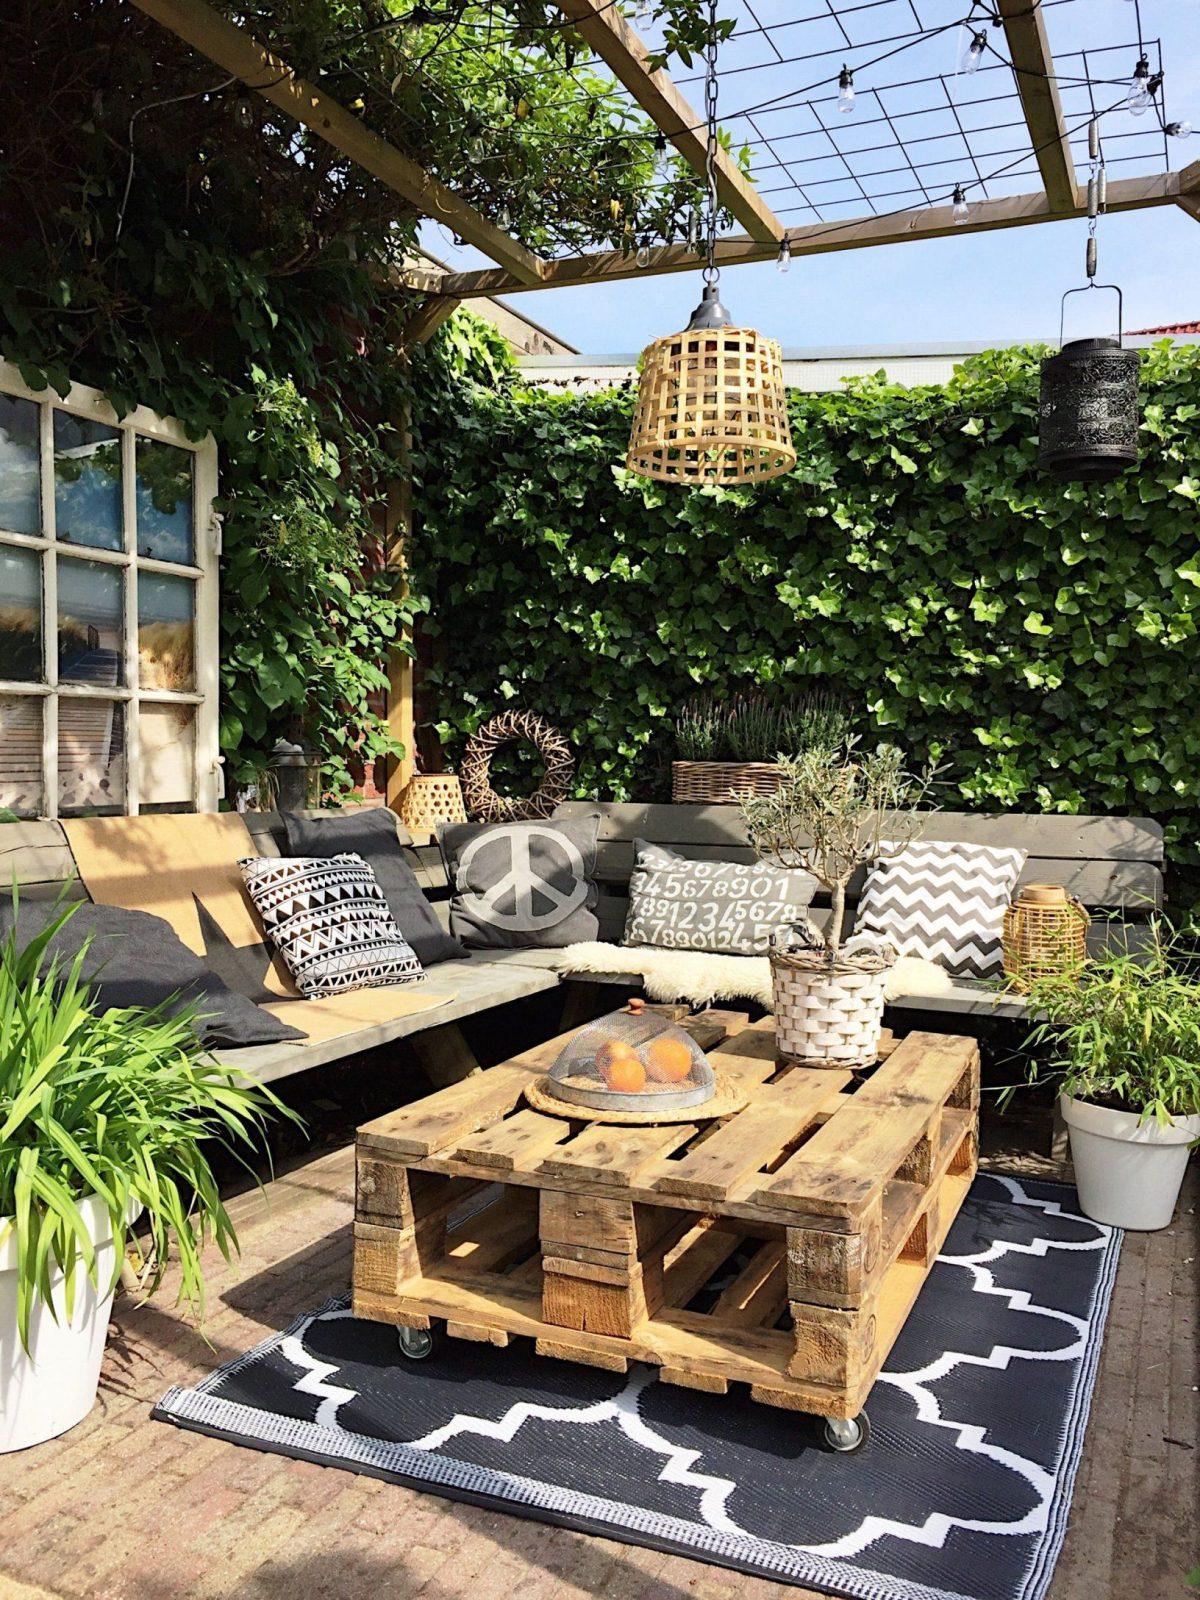 Tuin Binnenkijken Bij Mijnhuisenzo Balkon Gärten Und Terrasse Von Paletten  Ideen Für Den Garten Bild